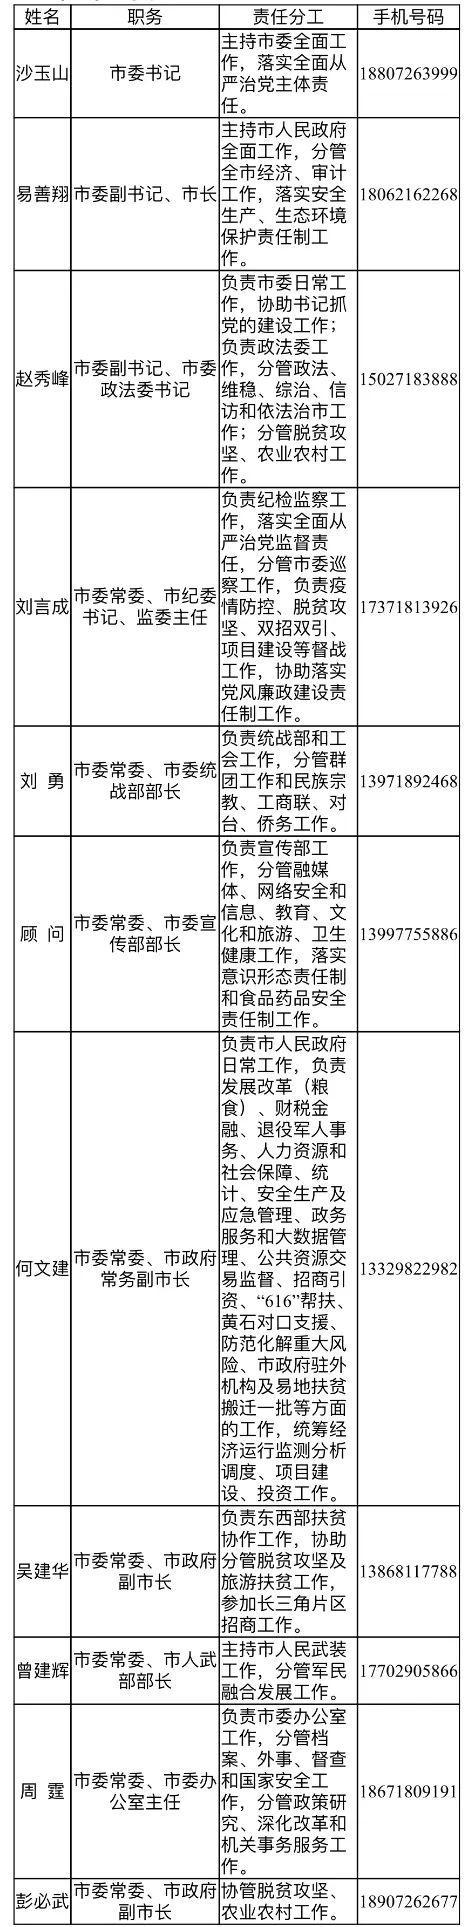 杏悦,布干部手机号码收信须在1个工作日杏悦内回复图片